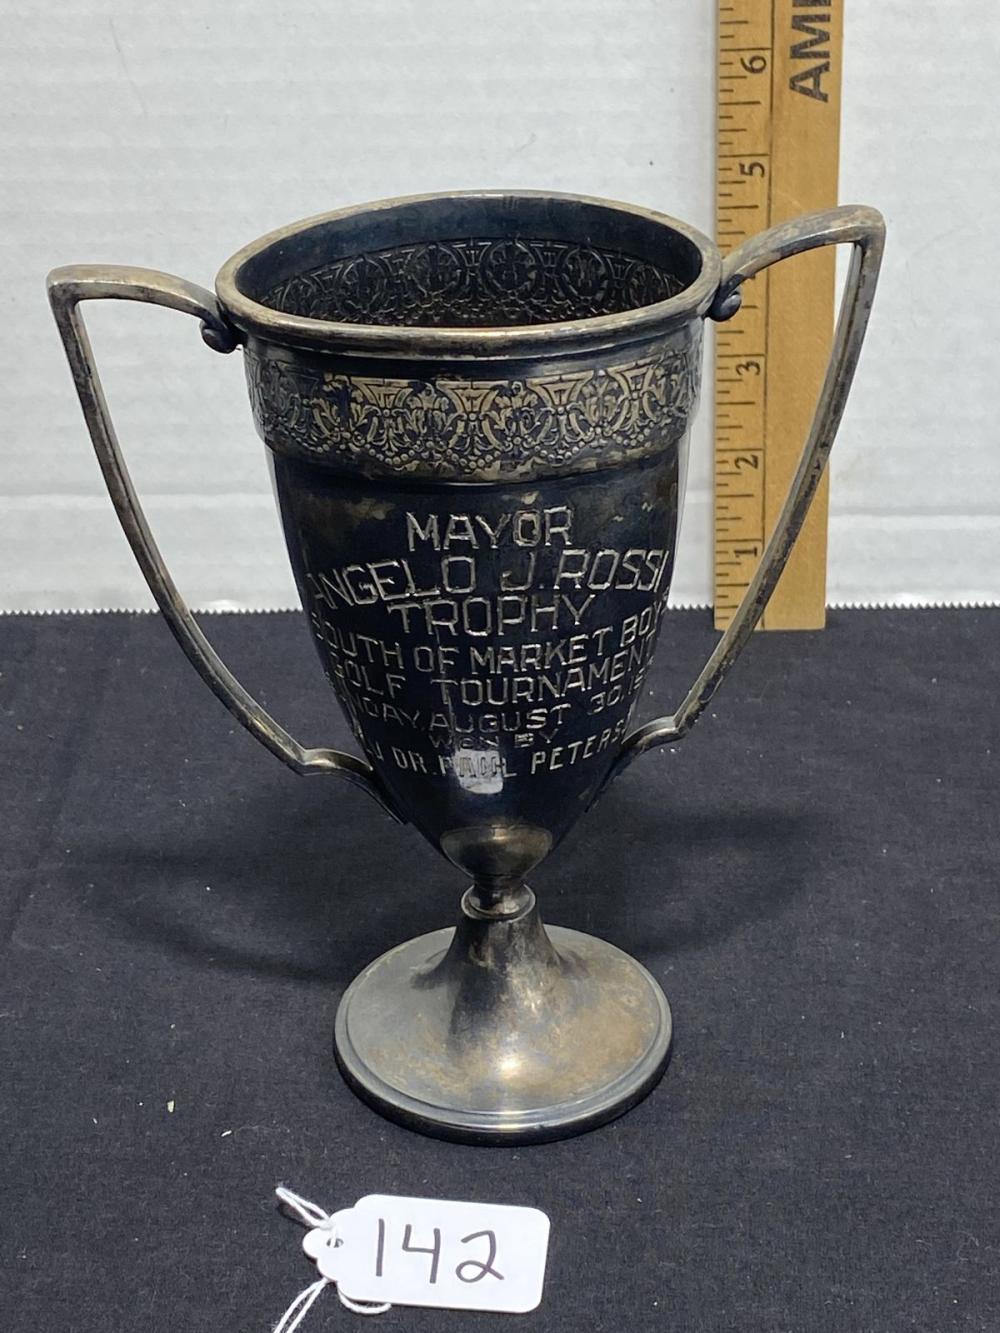 VINTAGE 1931 GOLF TROPHY - RARE